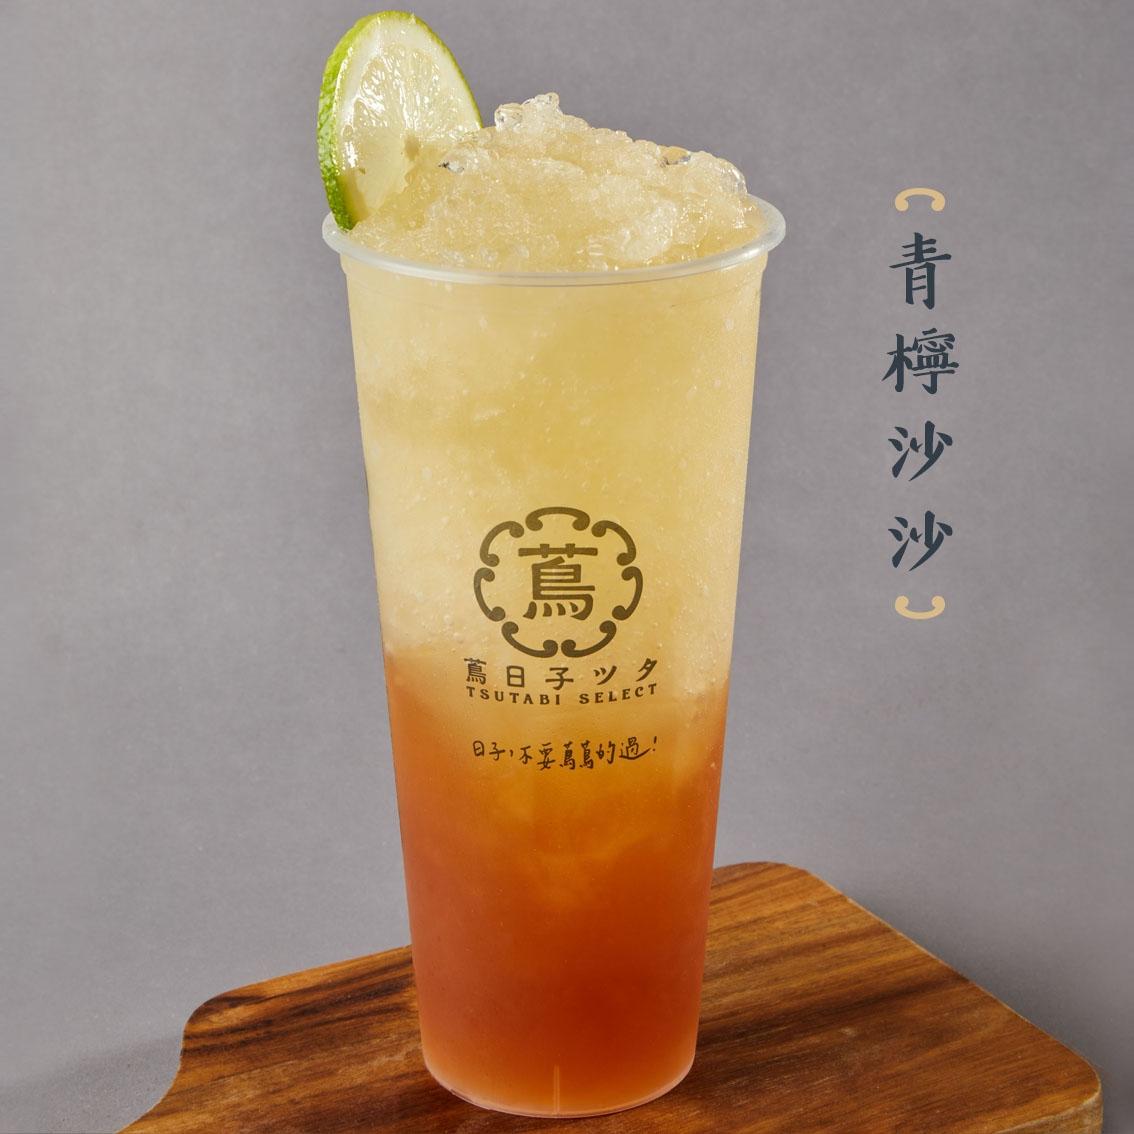 消暑聖品就喝這杯!「蔦日子」檸檬飲系列「老鹽爆打檸檬蔦綠、青檸沙沙、青檸梅朋友」等6款必喝!